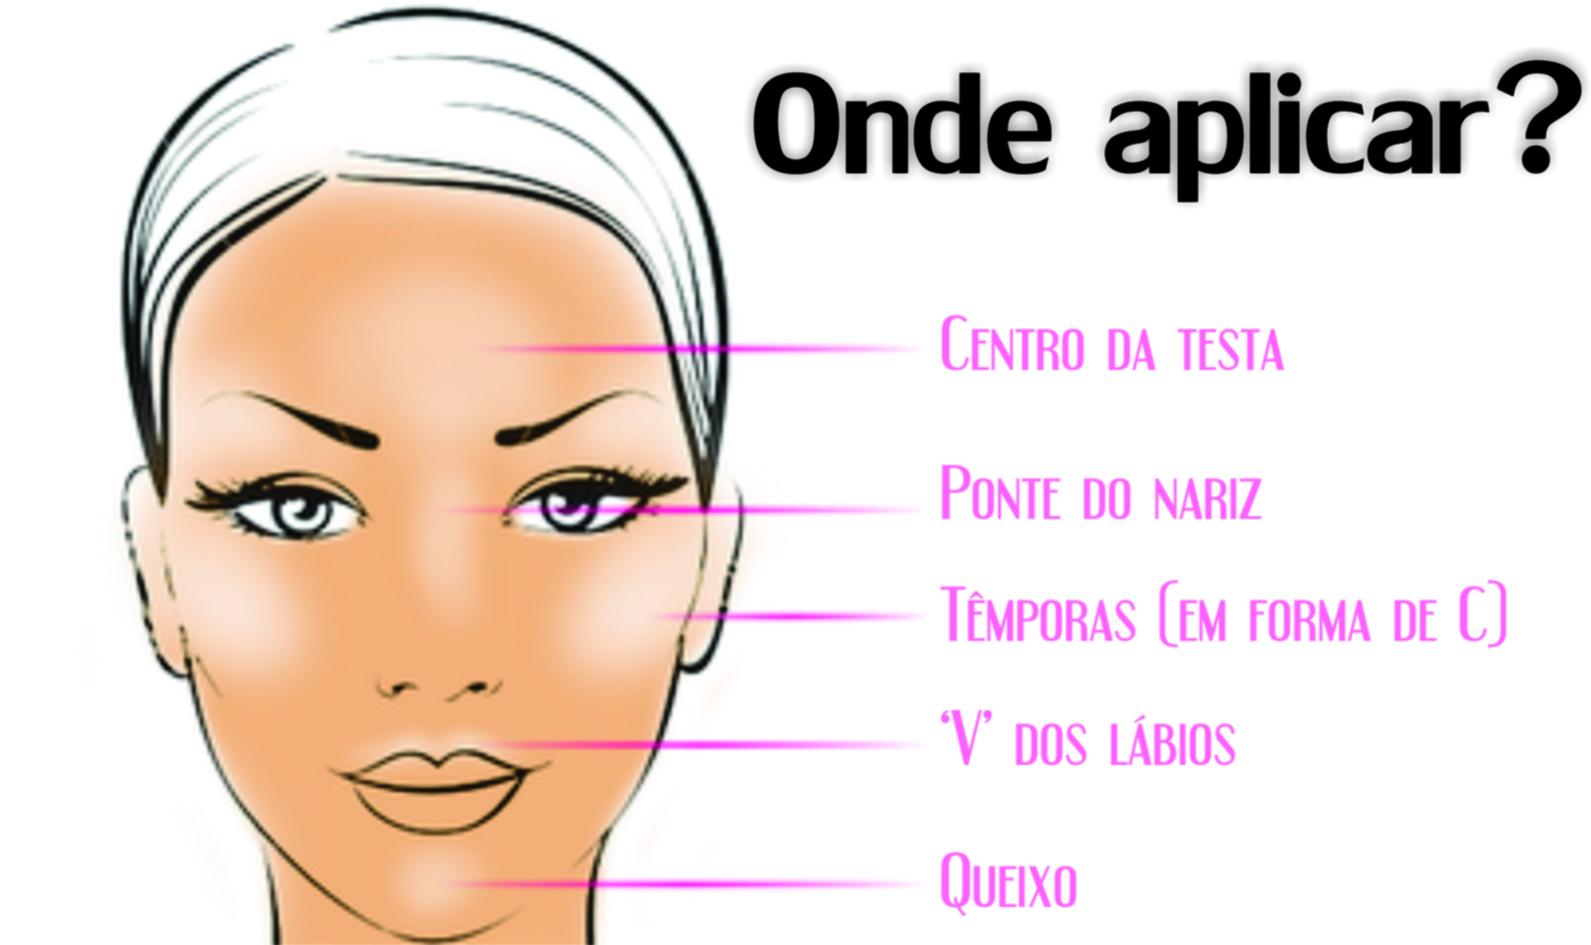 Psiu Noiva - 10 dicas de maquiagem + Curso Gratis